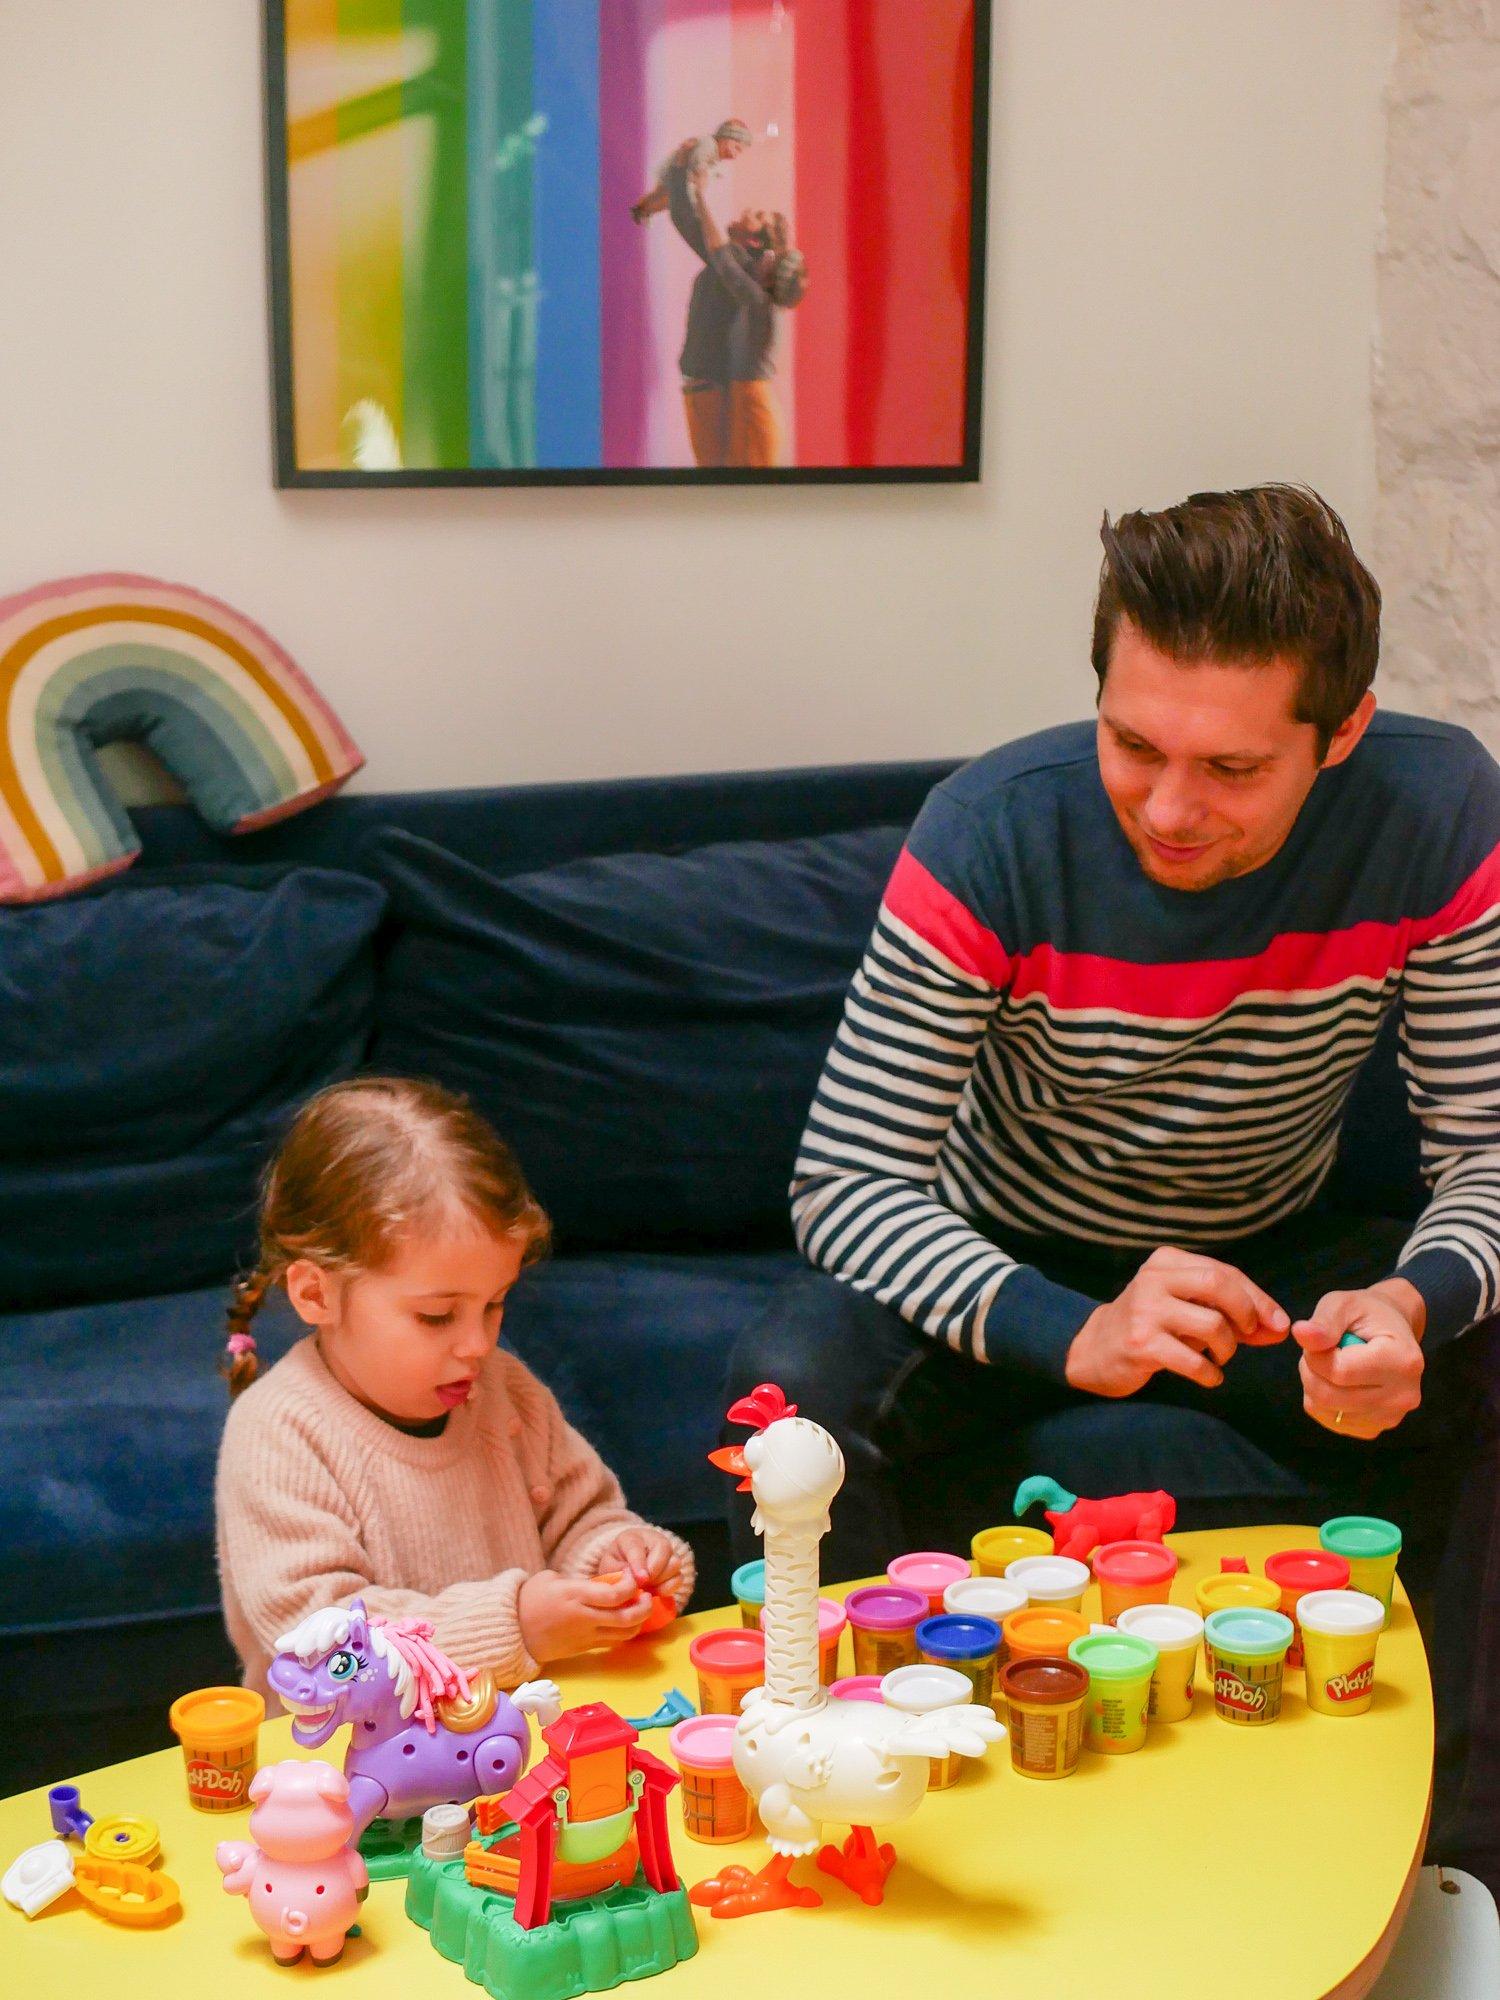 Activités À Faire À La Maison 12 activités à faire à la maison avec ses enfants - with a